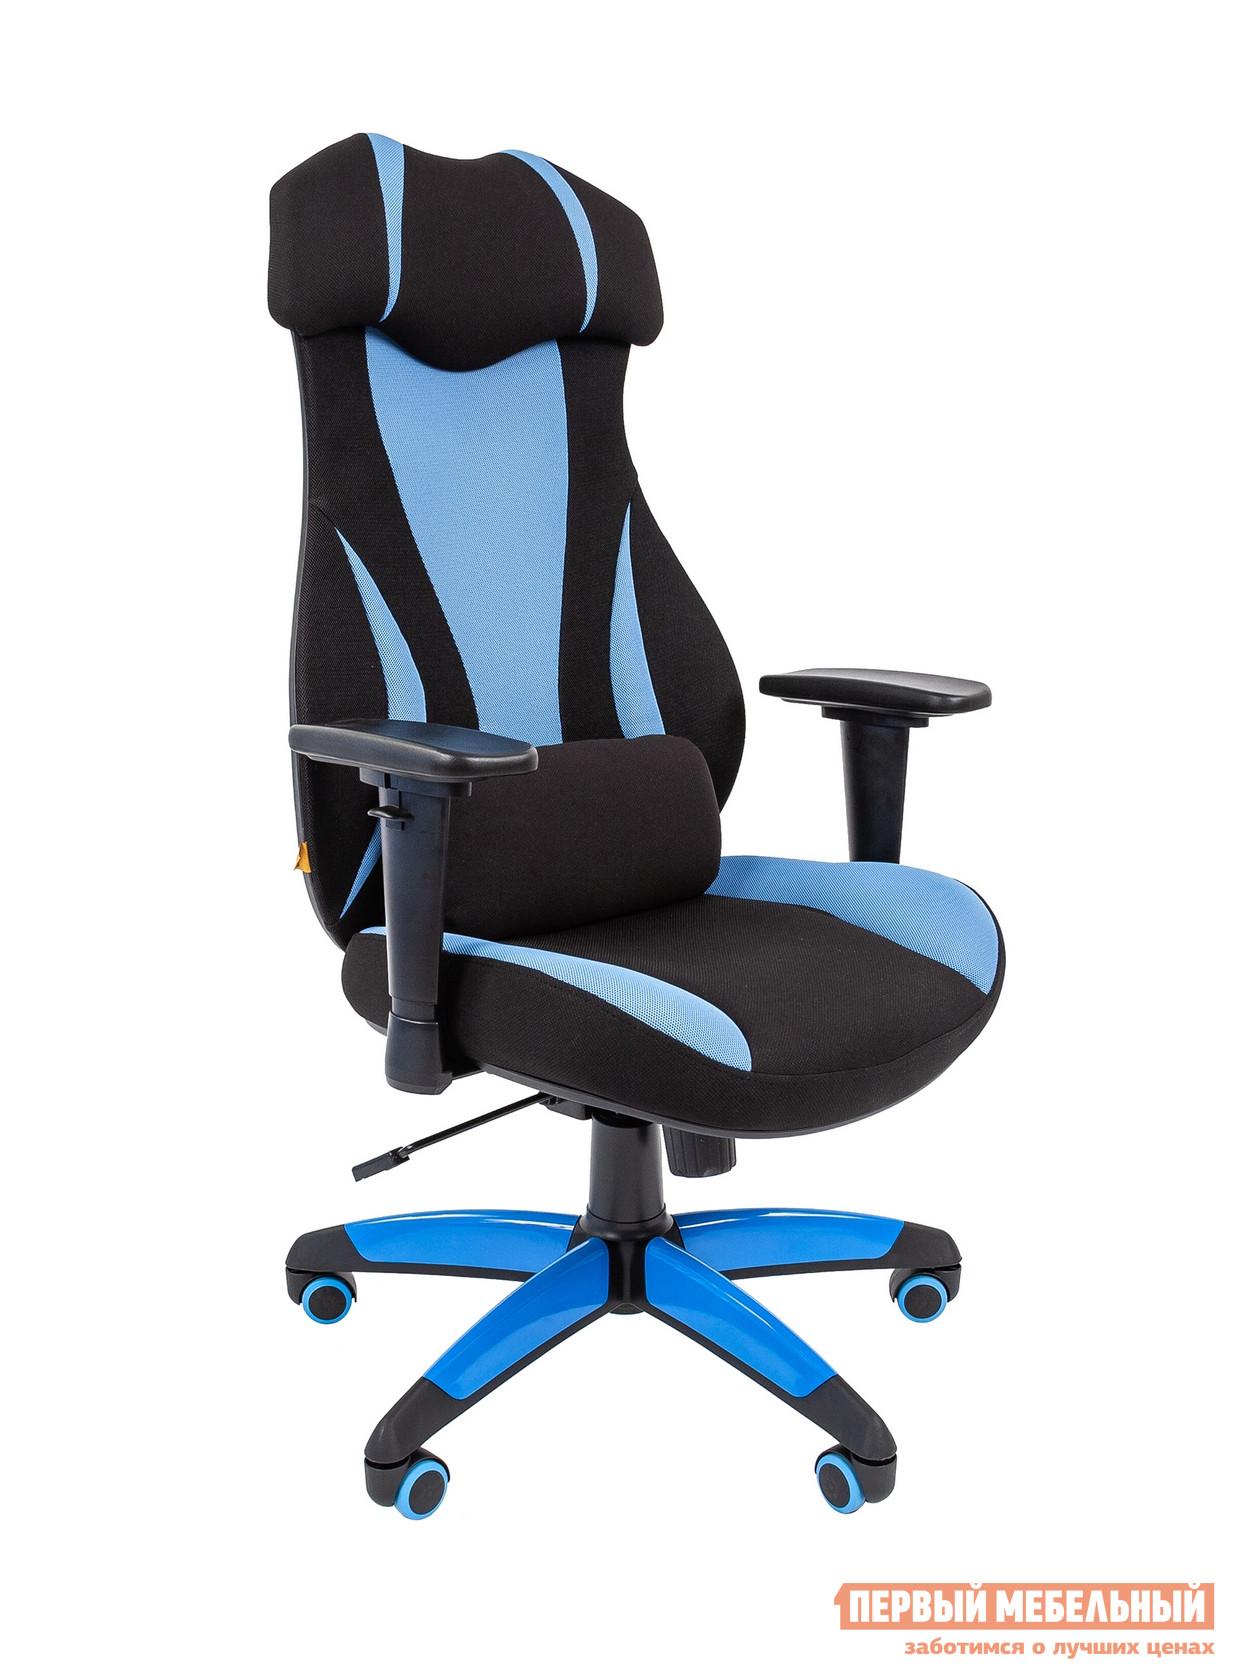 Игровое кресло Тайпит Игровое кресло Chairman Game 14 кресло игровое vertagear racing s line sl2000 розовый